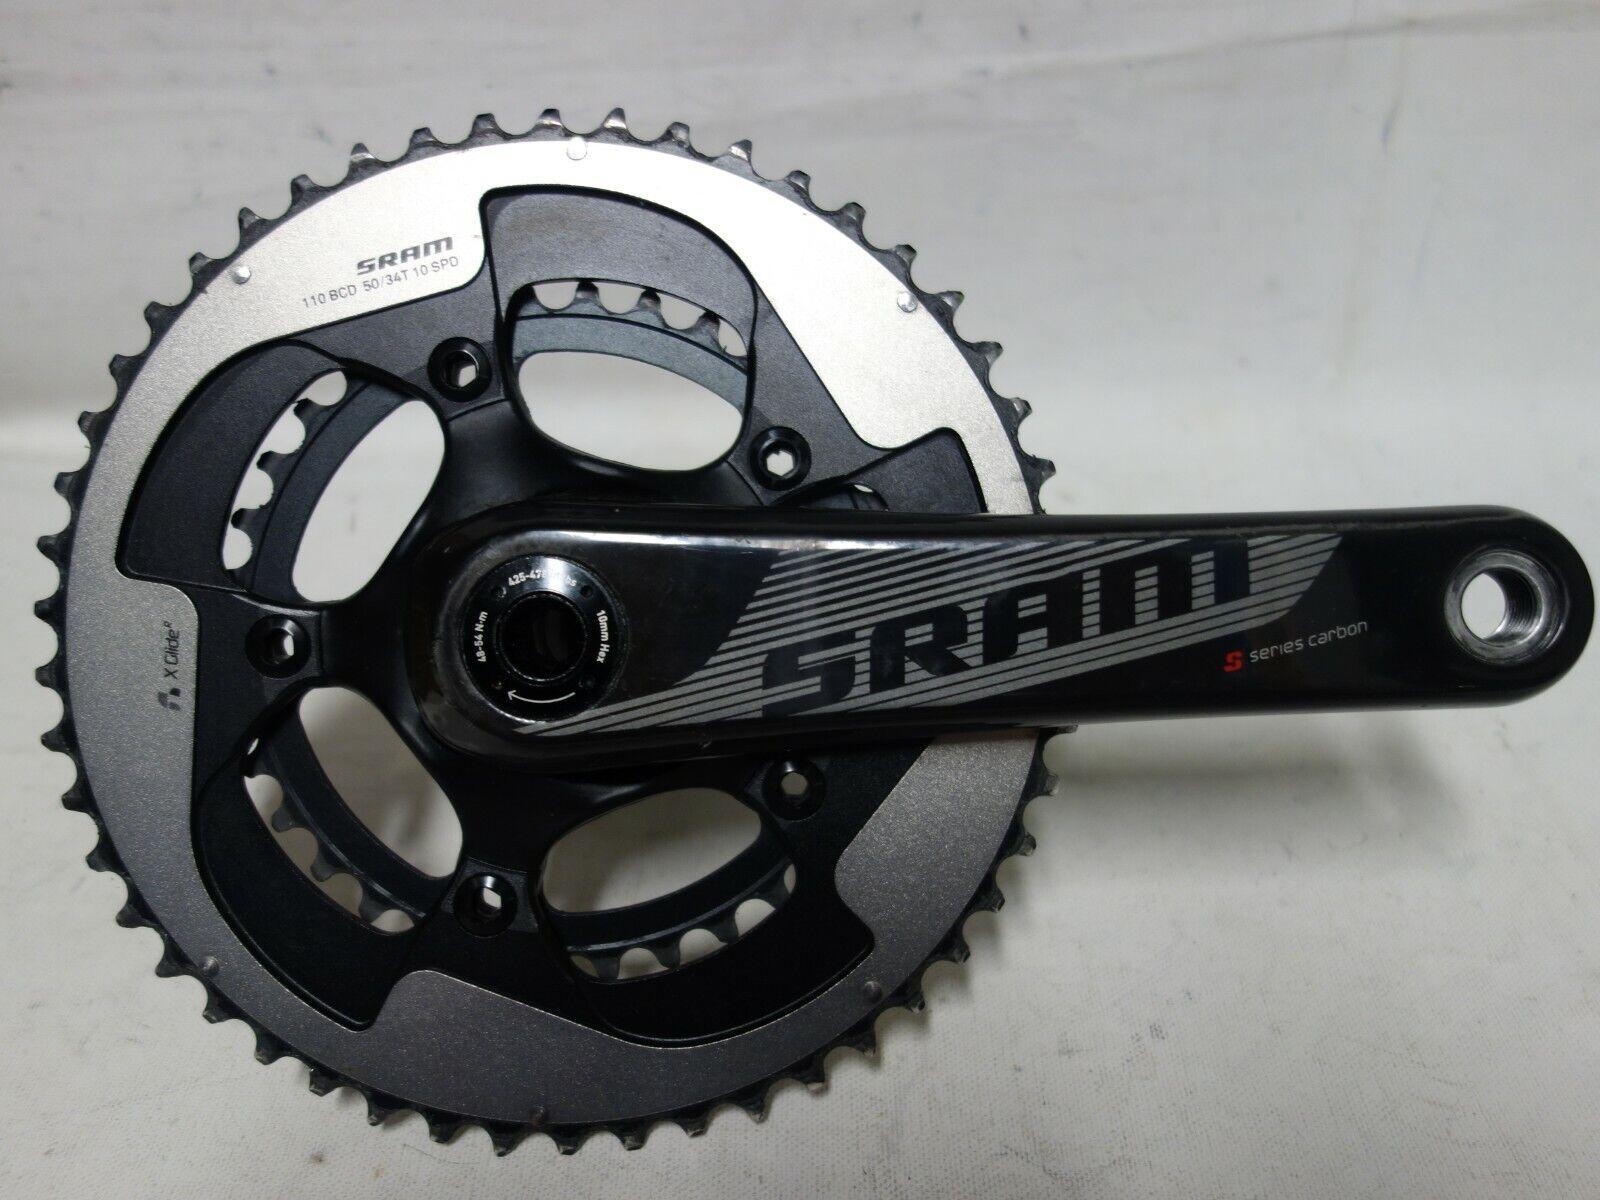 NEW SRAM Force22 Yaw GXP Carbon Road Bike Crankset 172.5mm 50//34T 11 Spd w//o BB